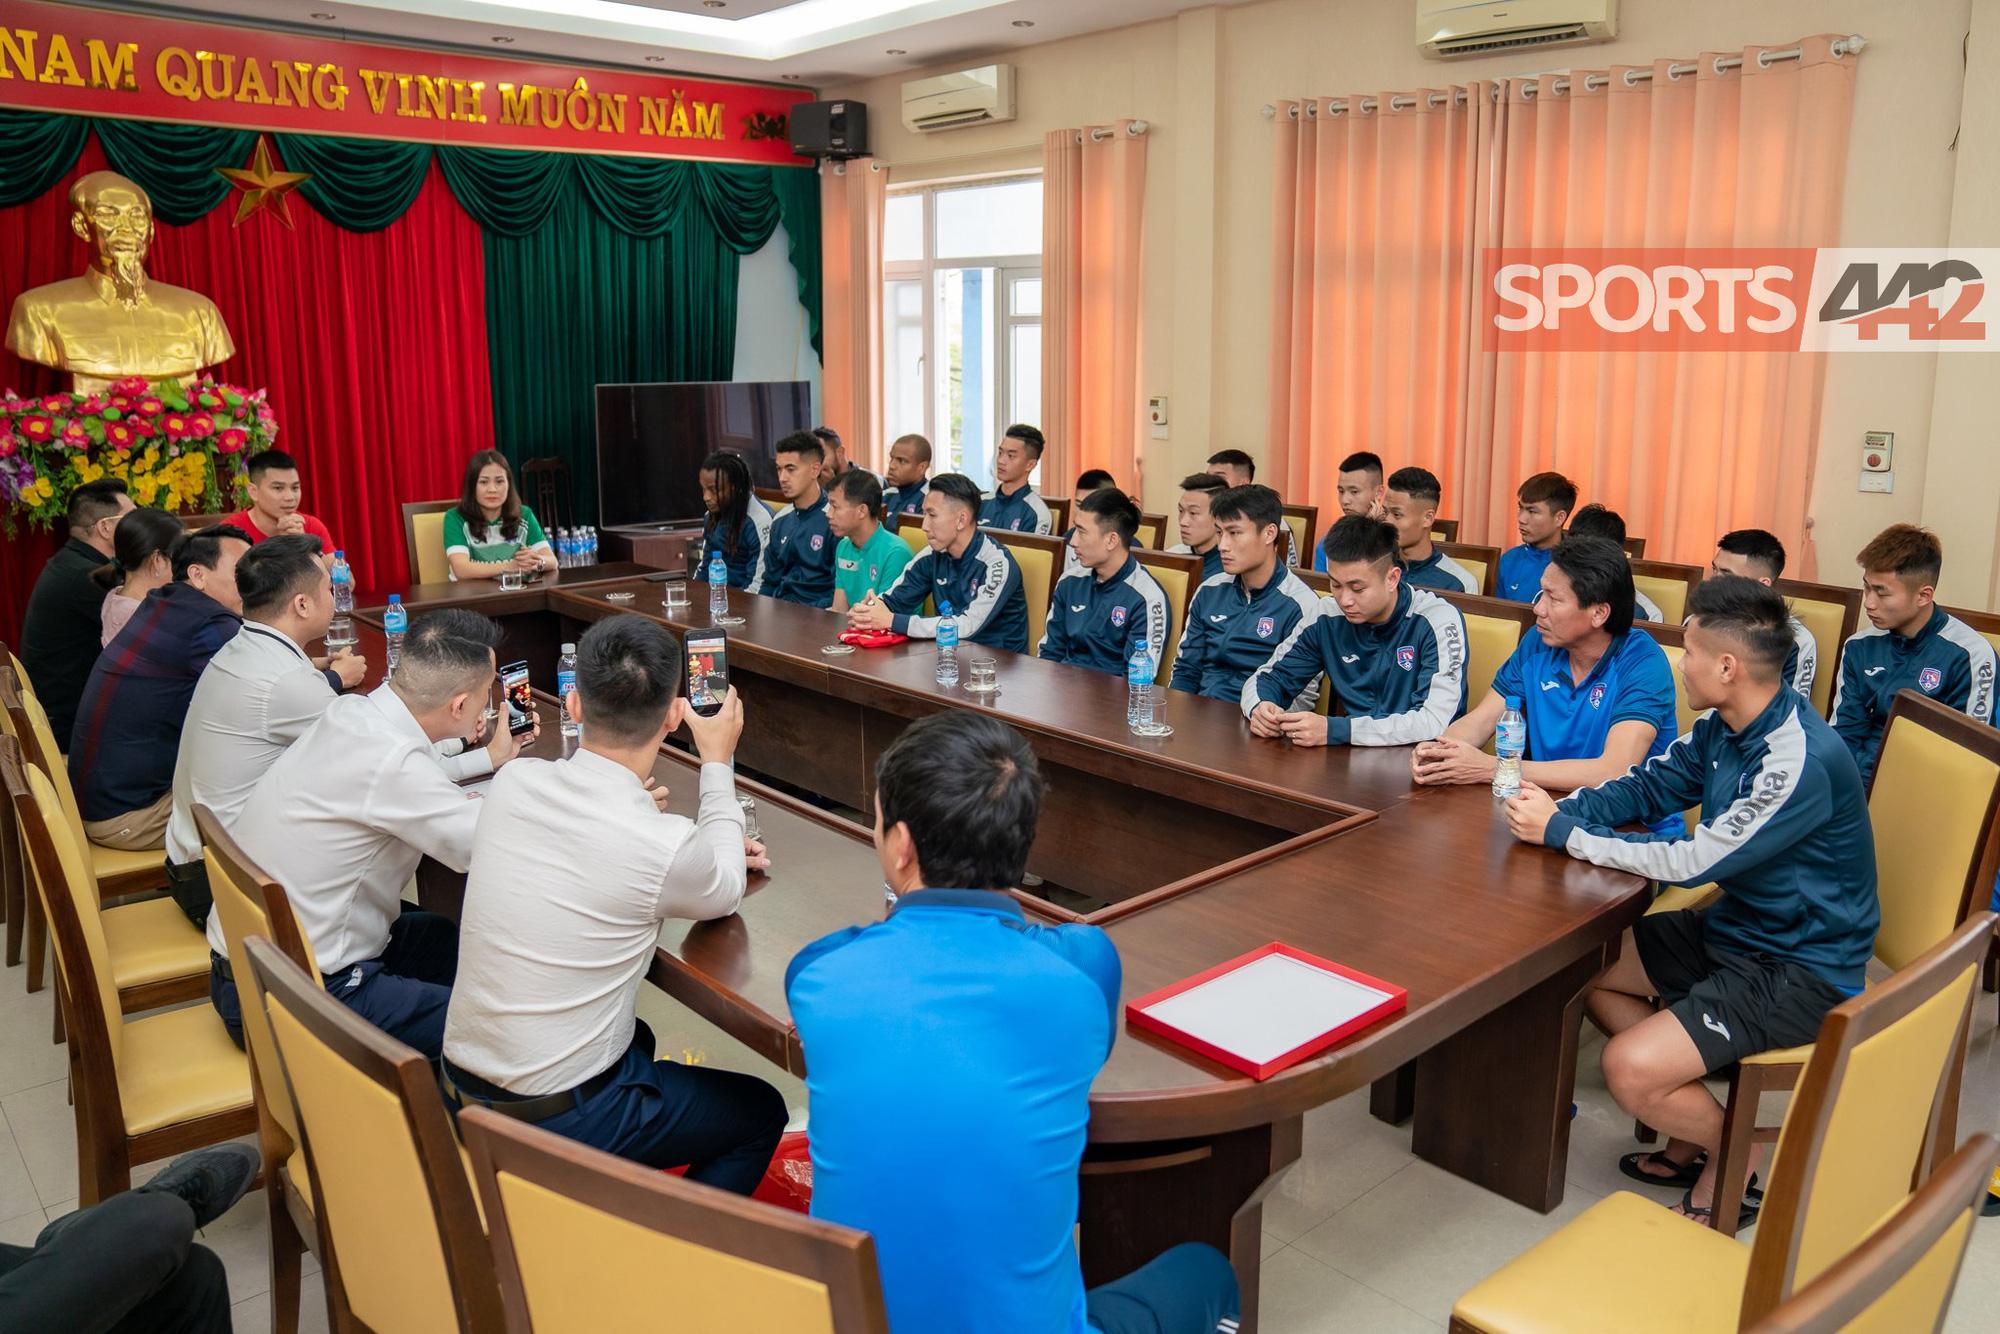 NÓNG: CLB Than Quảng Ninh được nhóm CĐV đặc biệt tặng 1,5 tỷ - Ảnh 3.